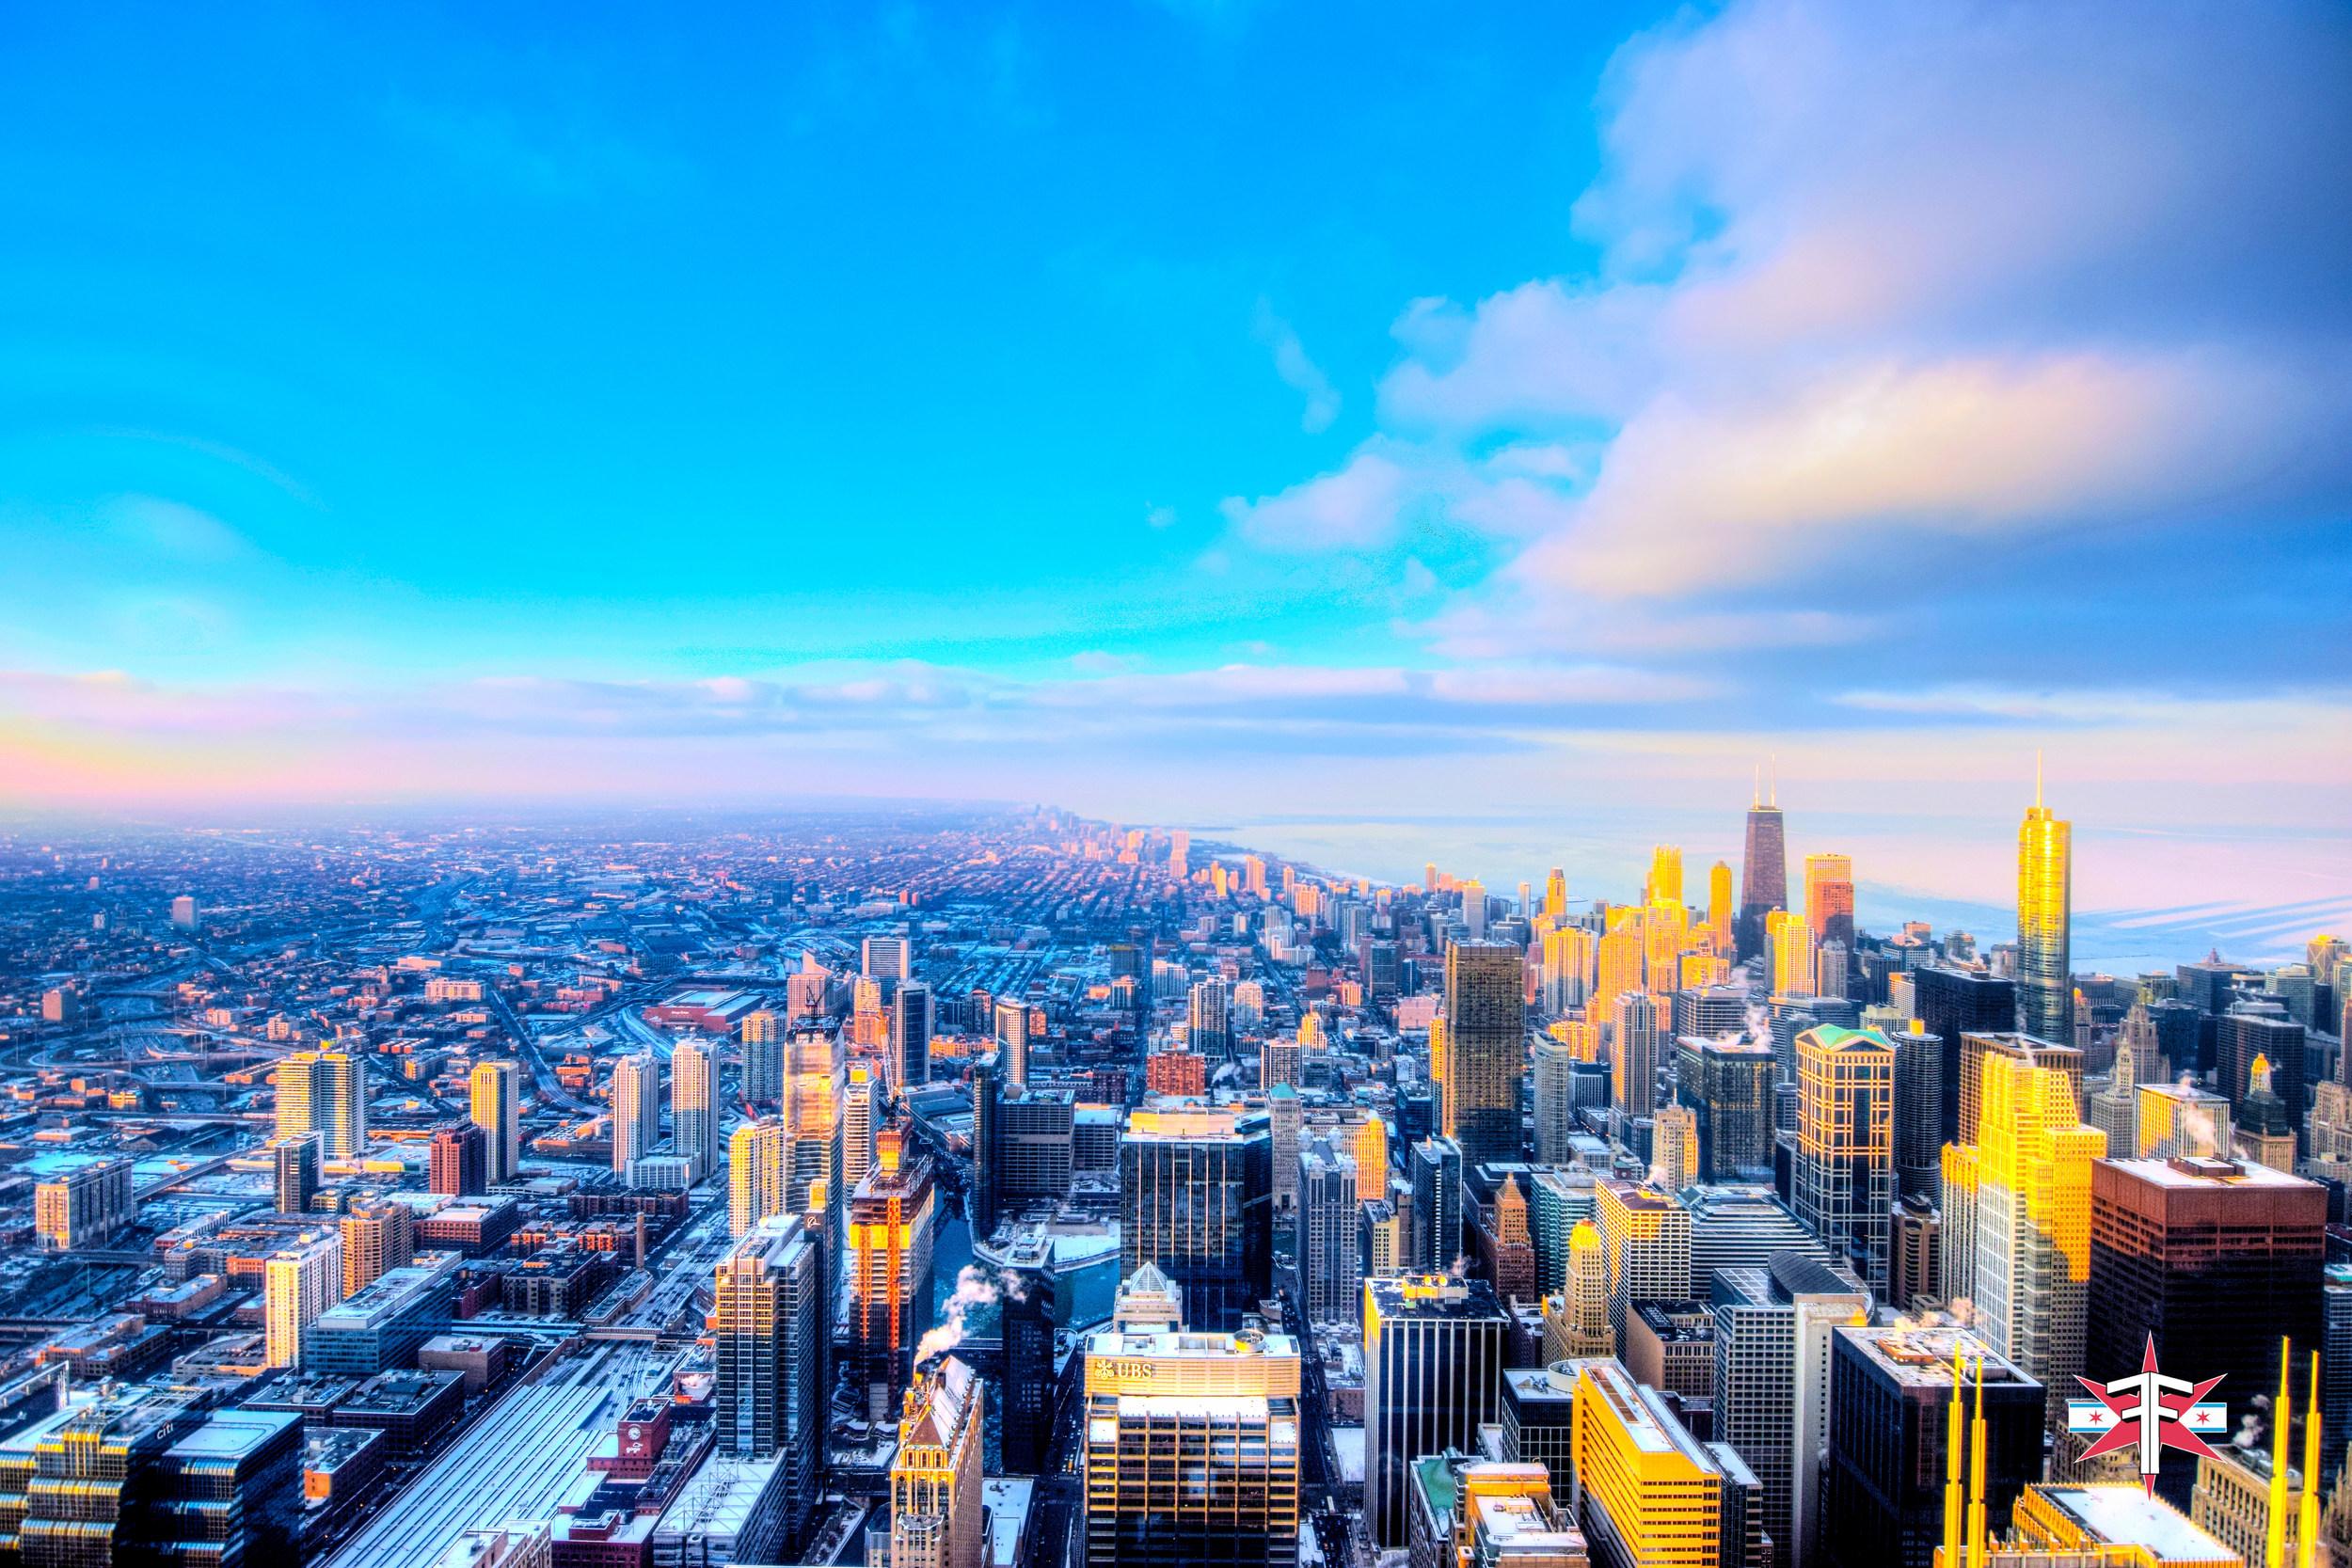 chicago art architecture eric formato photography design arquitectura architettura buildings skyscraper skyscrapers-45.jpg